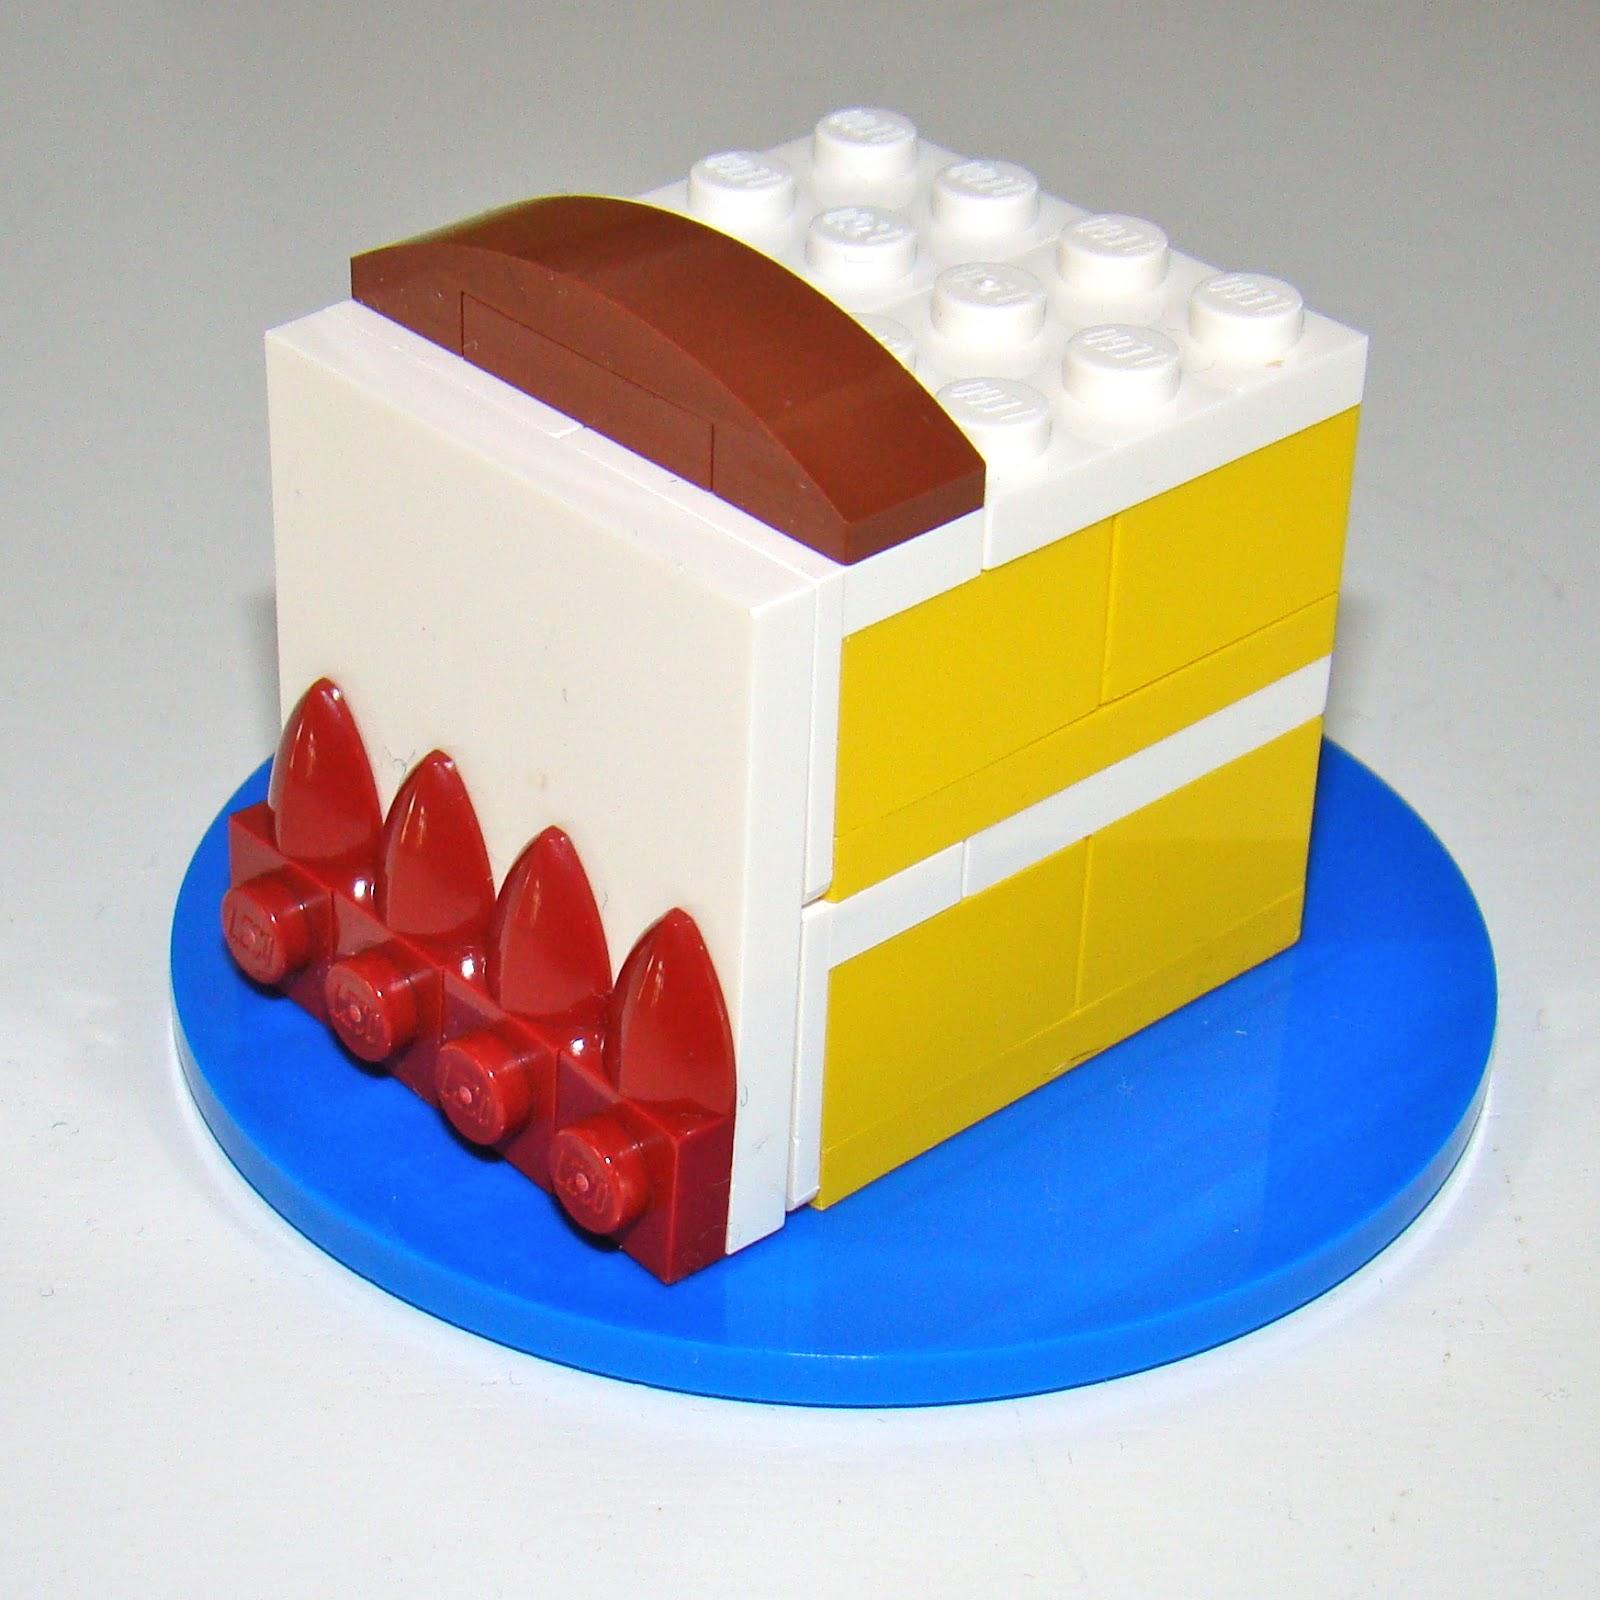 LEGO Birthday Cake 40048